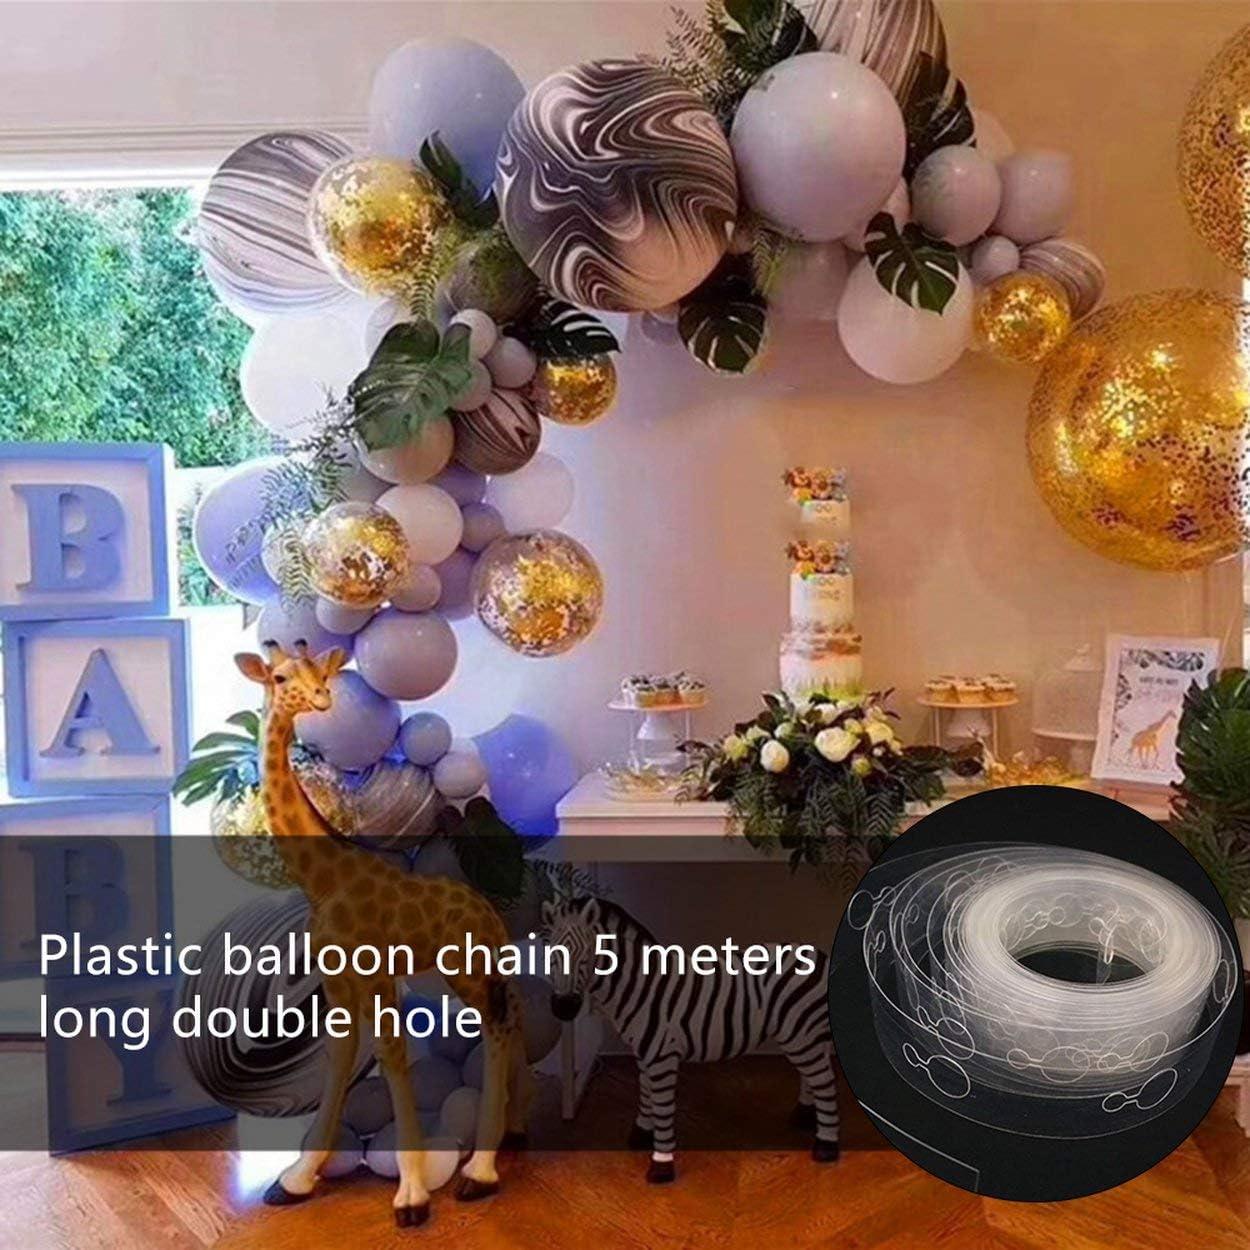 Anam Safdar Butt Cha/îne de Ballon en Plastique 5 m/ètres de Long Filet de d/écoration de Ballon Rouge cha/îne de Mariage Outils de Fixation de Ballon Ballon Disposition de Salle de Mariage